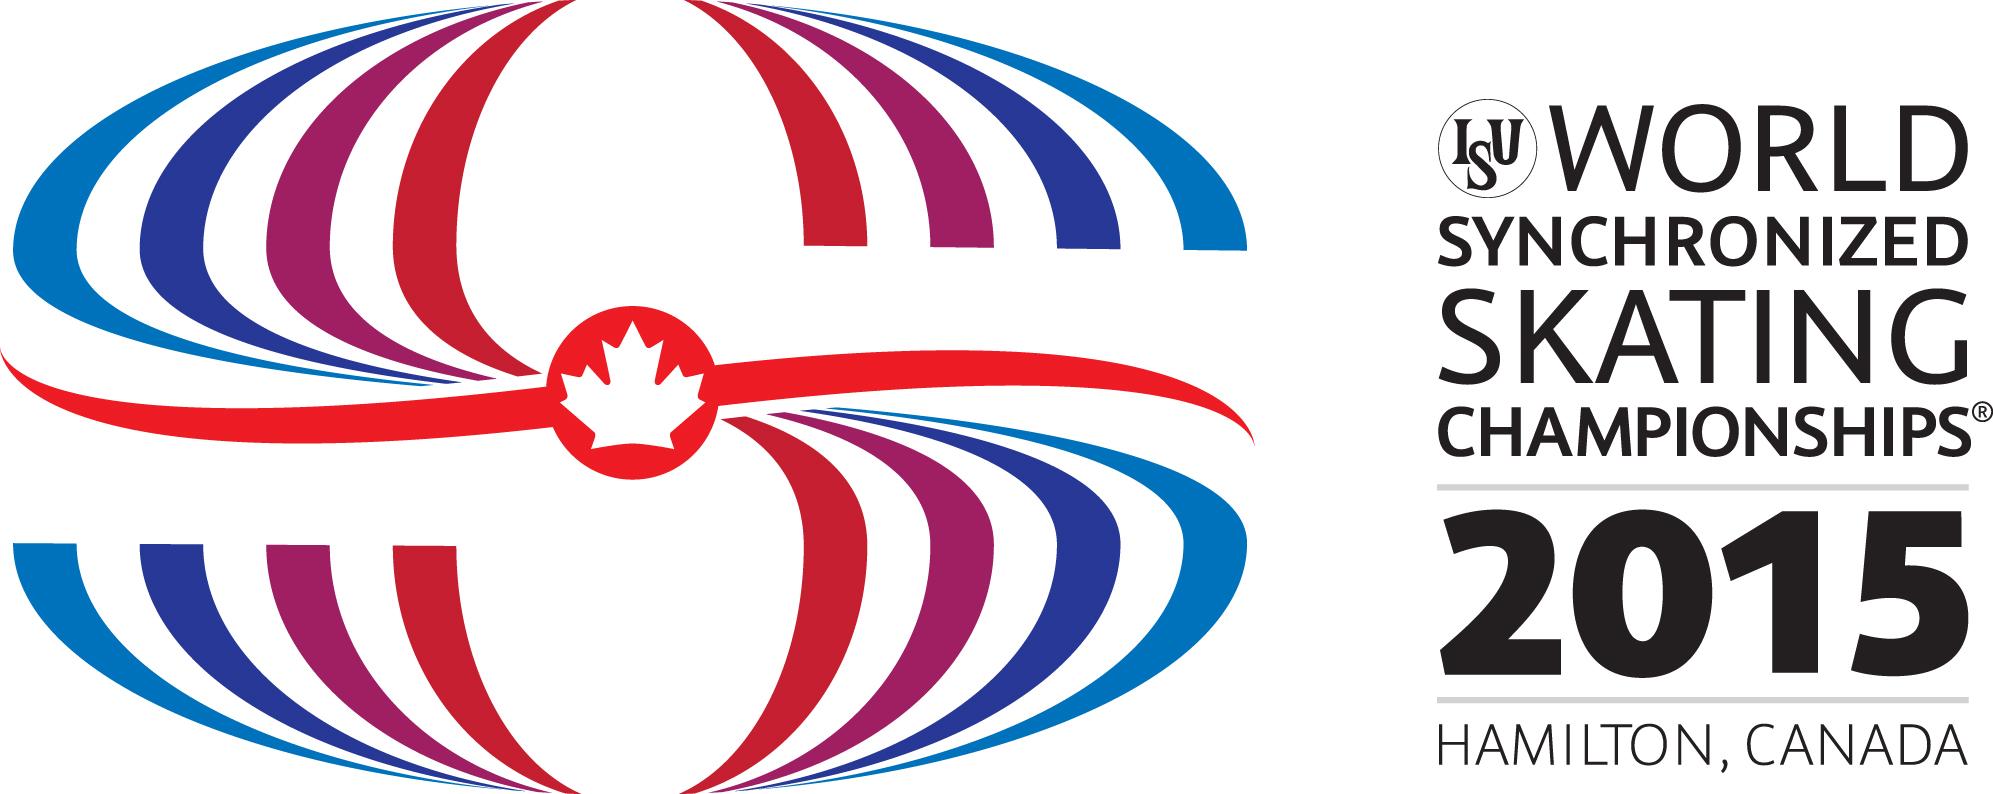 ISU World Synchronized Skating Championships 2015